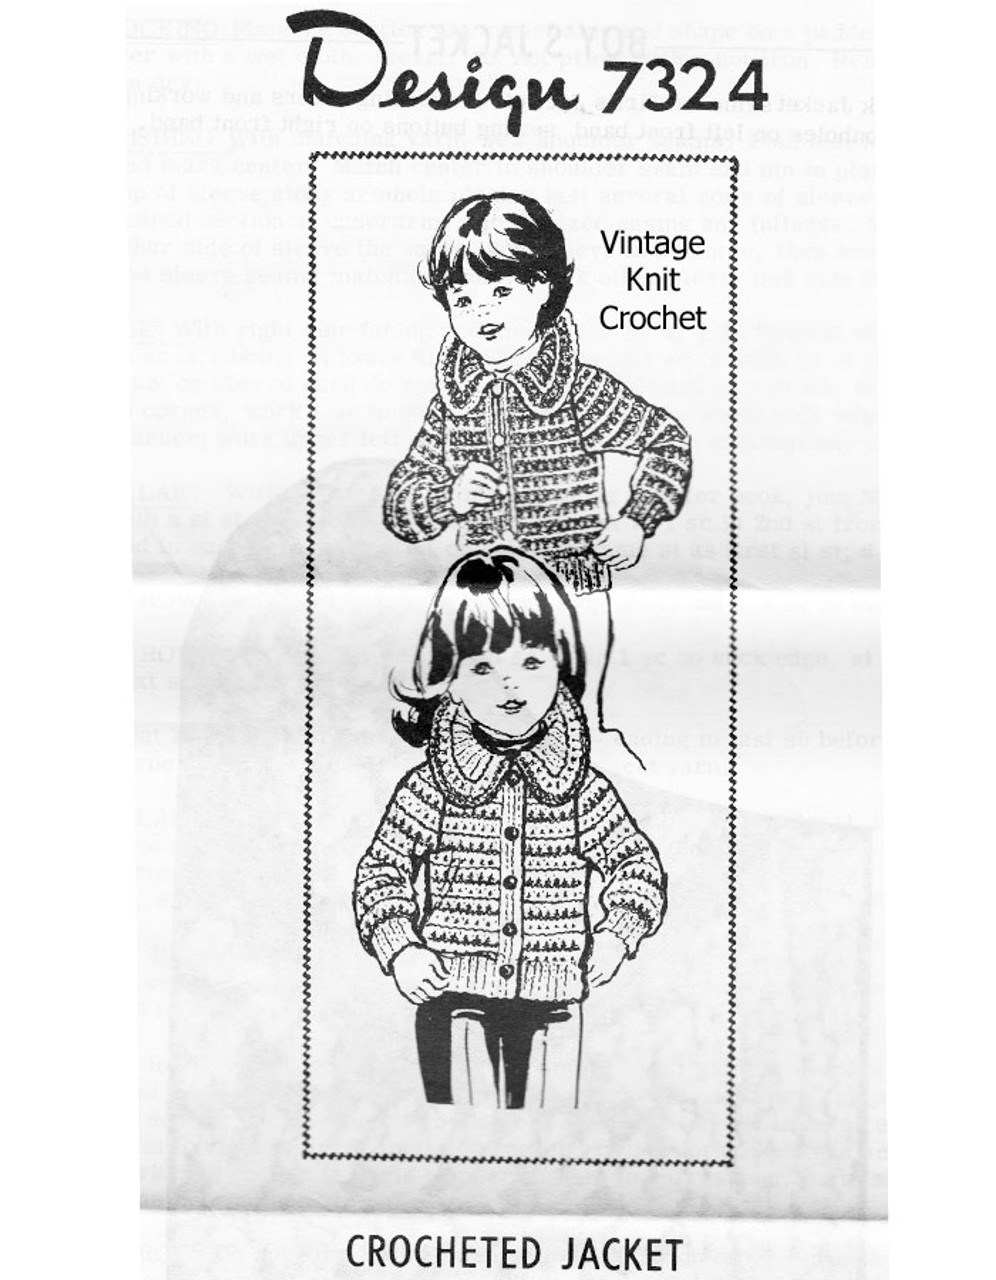 Girls Crochet Jacket Pattern, Round Collar Design 7324